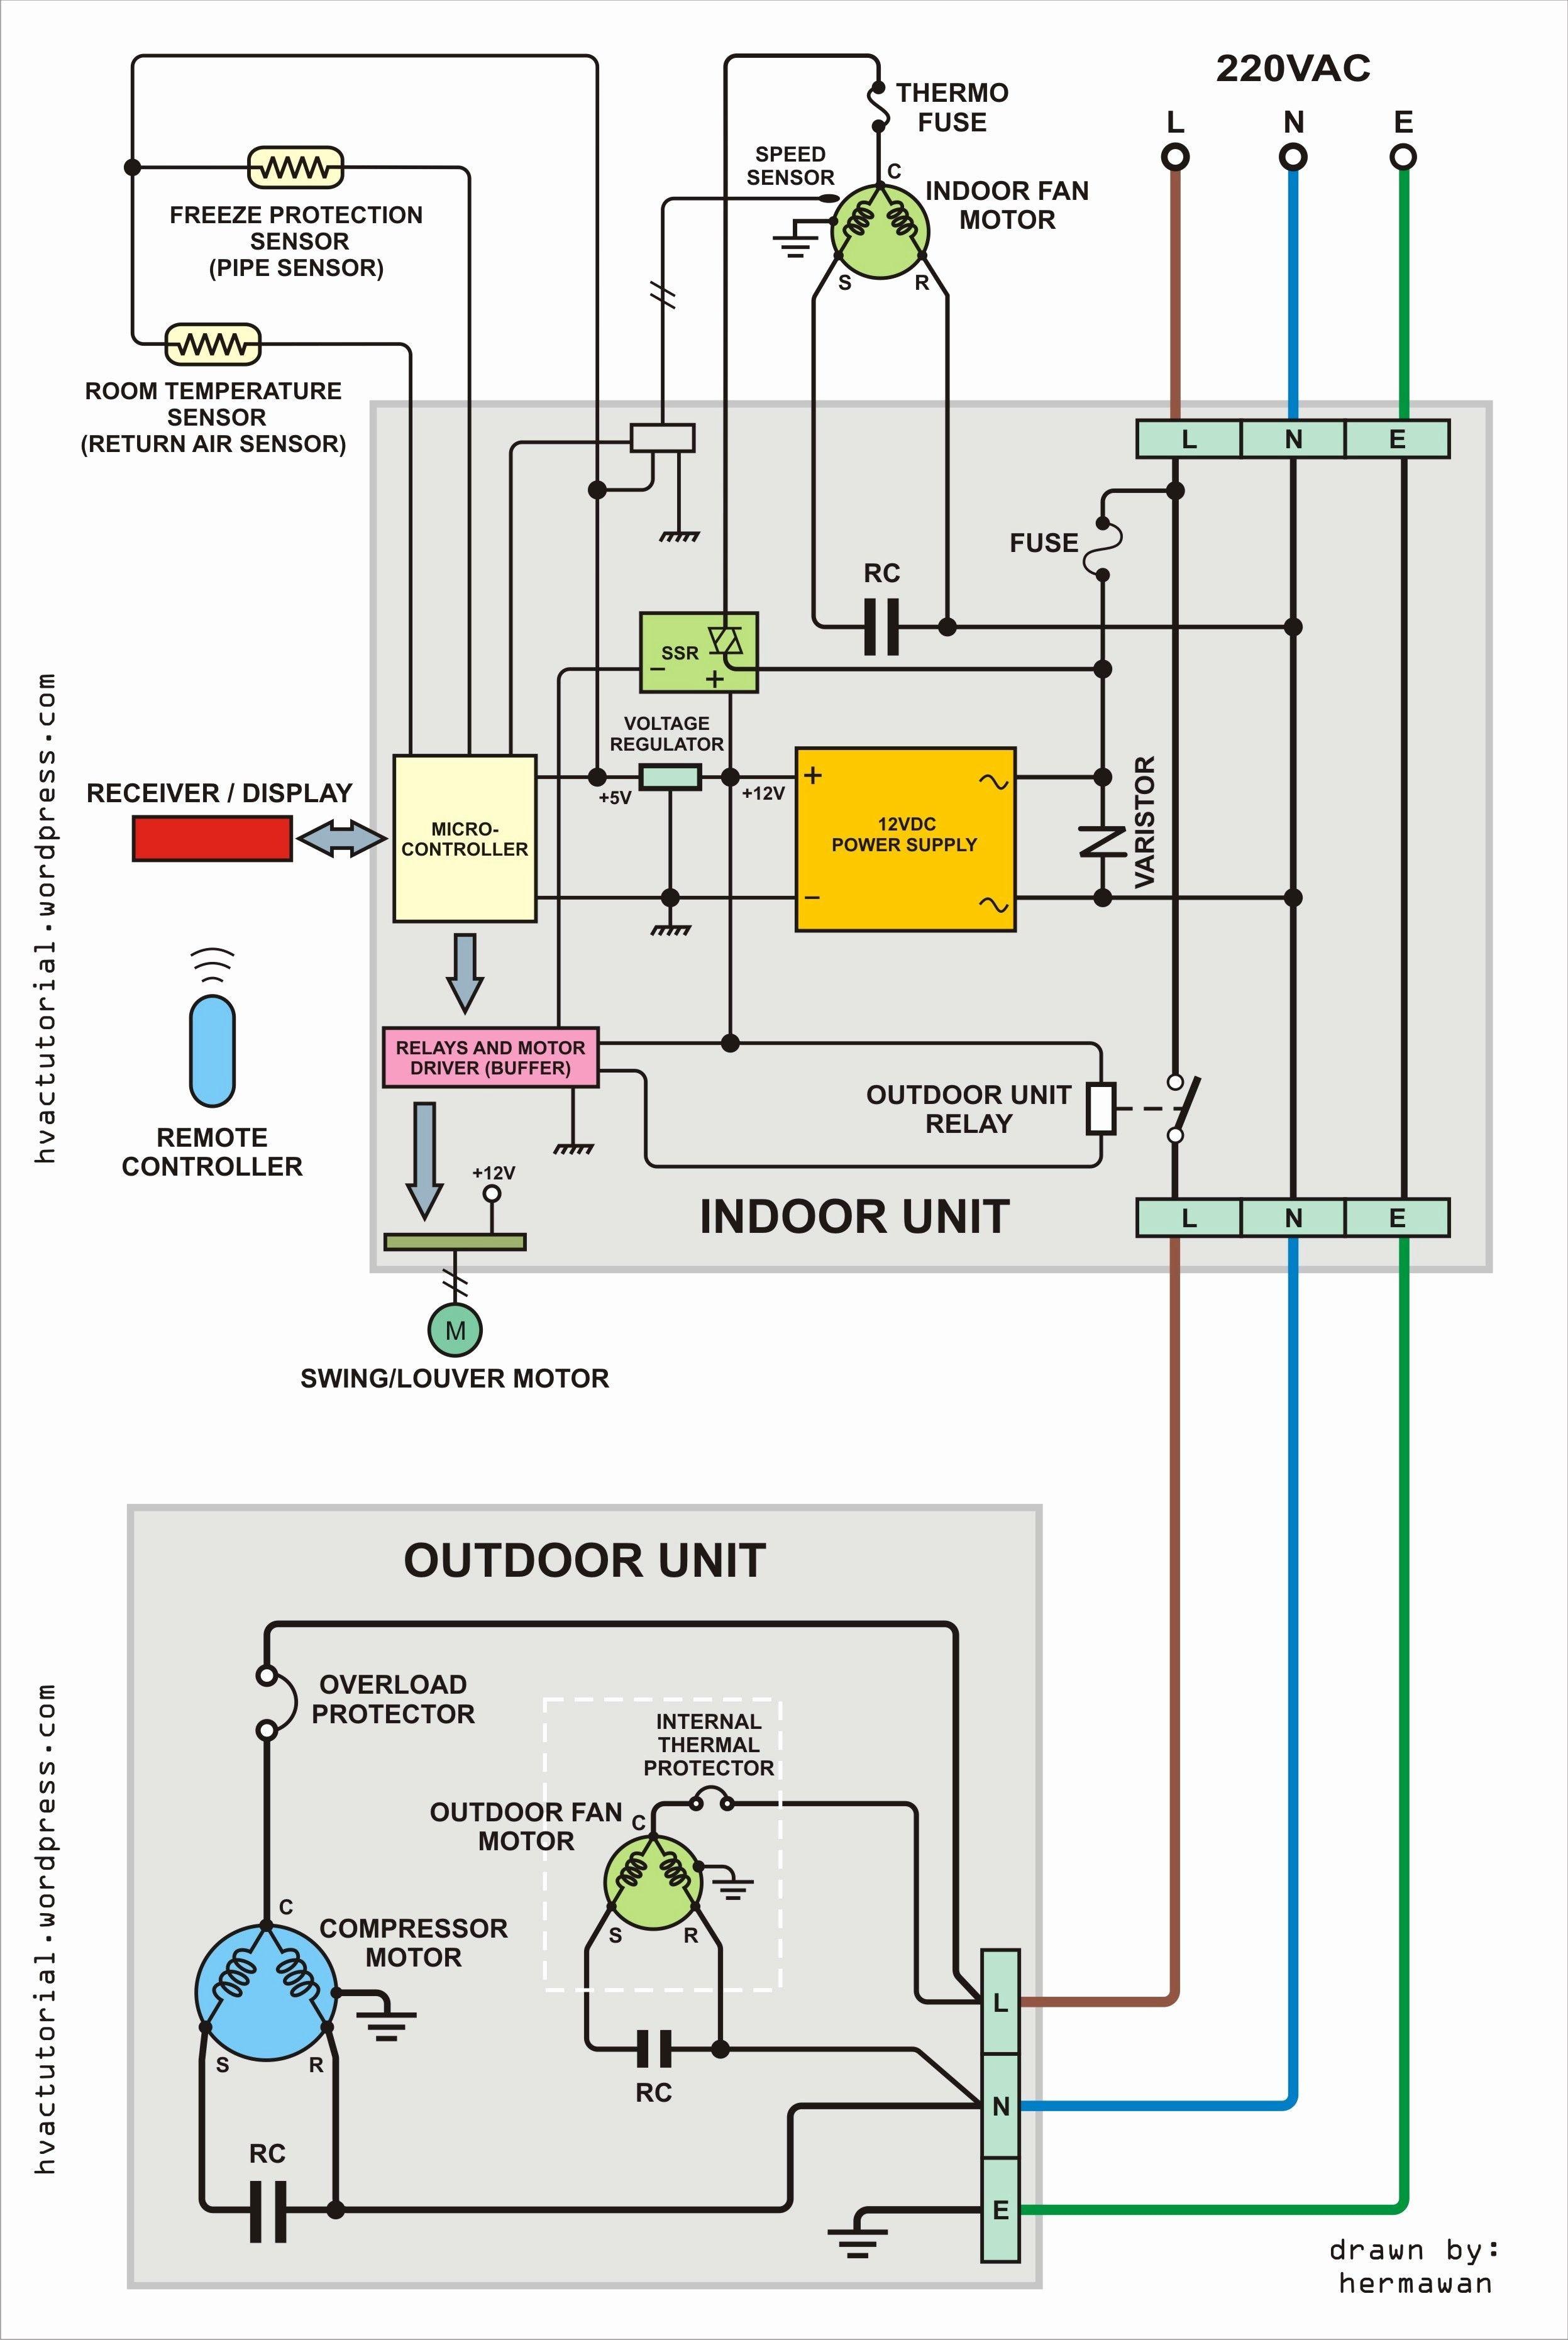 New Split Consumer Unit Wiring Diagram diagram